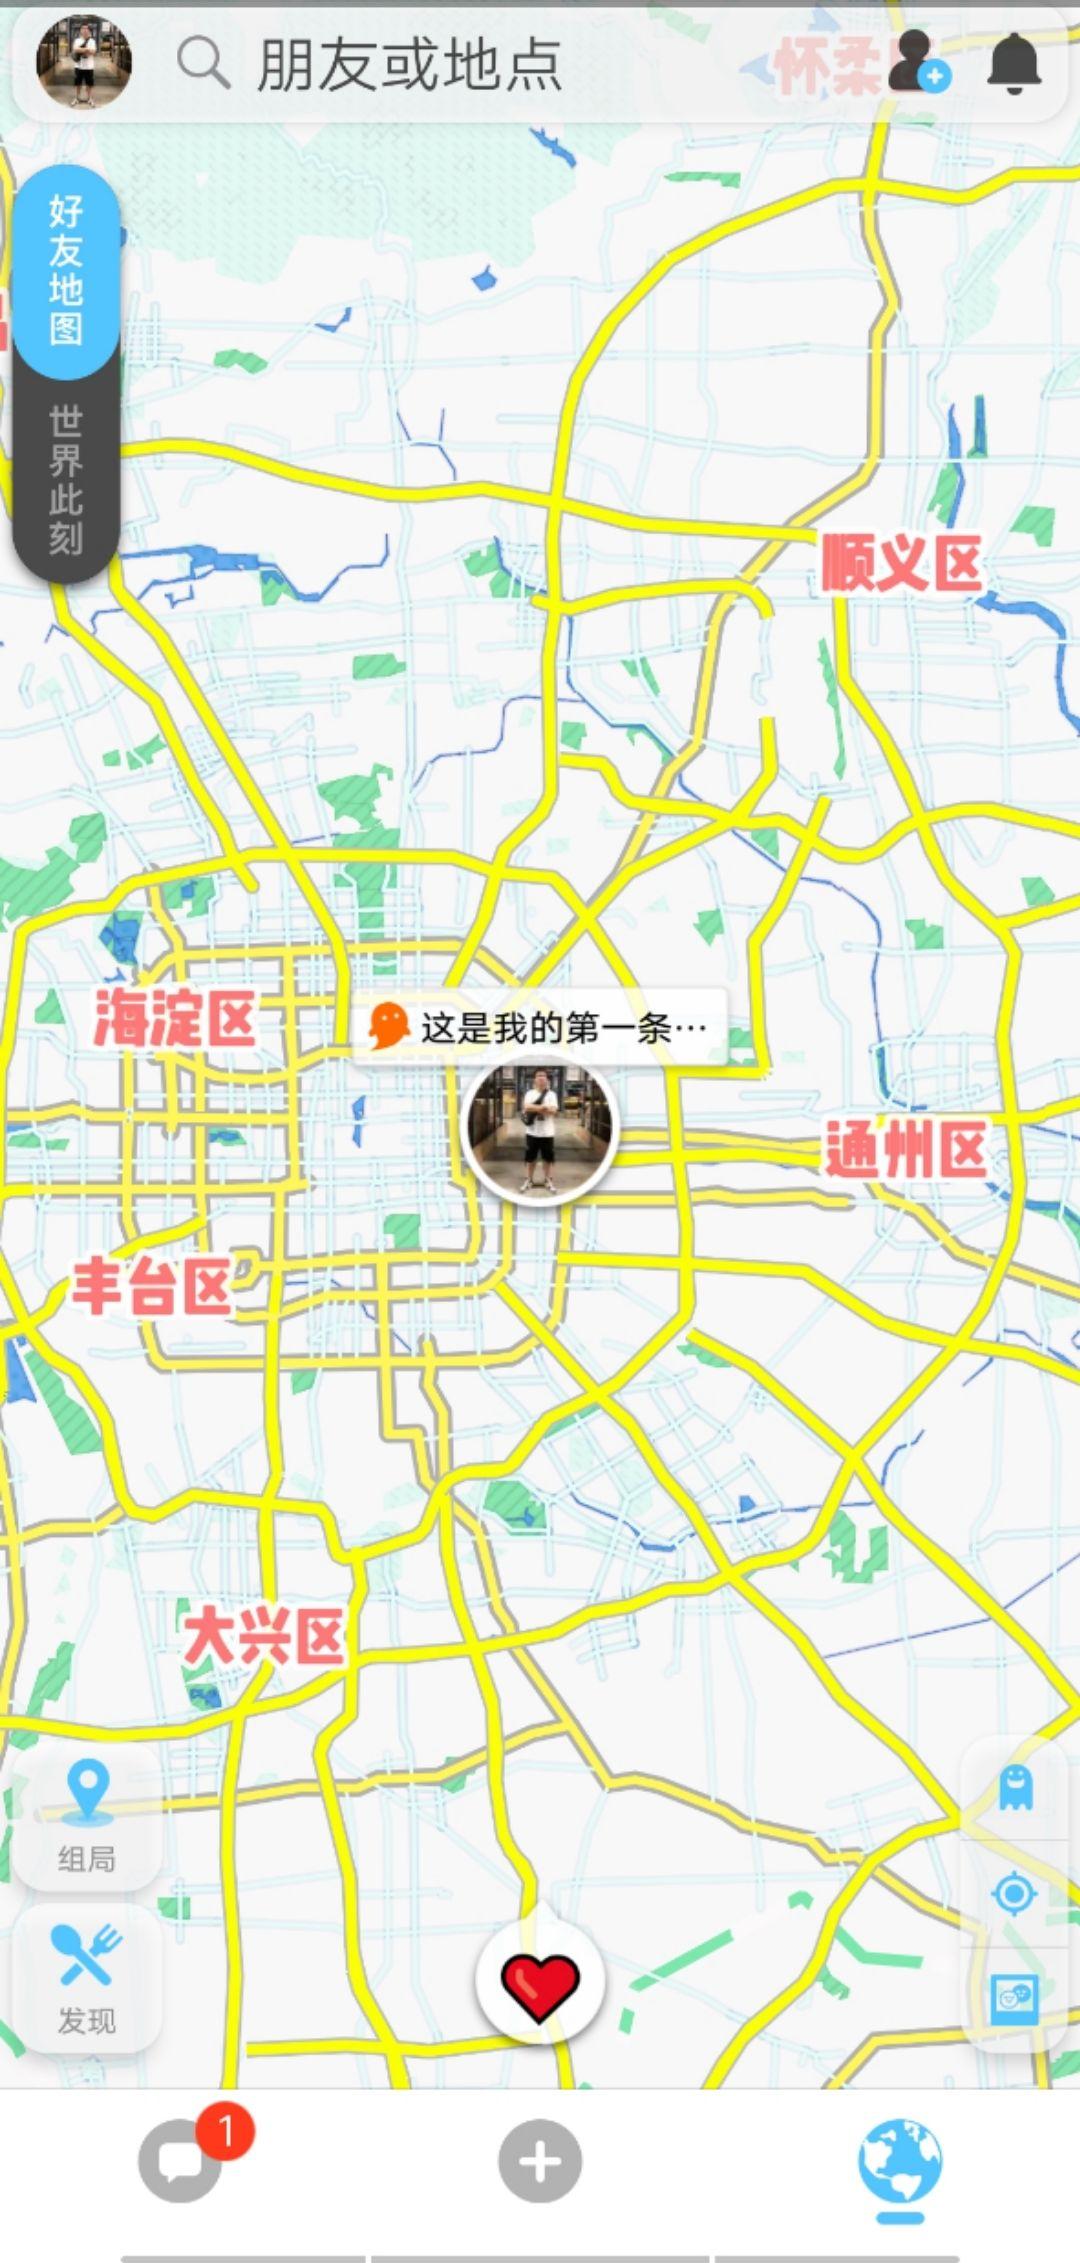 快播王欣、陌陌、 百度入局 地图社交会是新风口吗?插图12